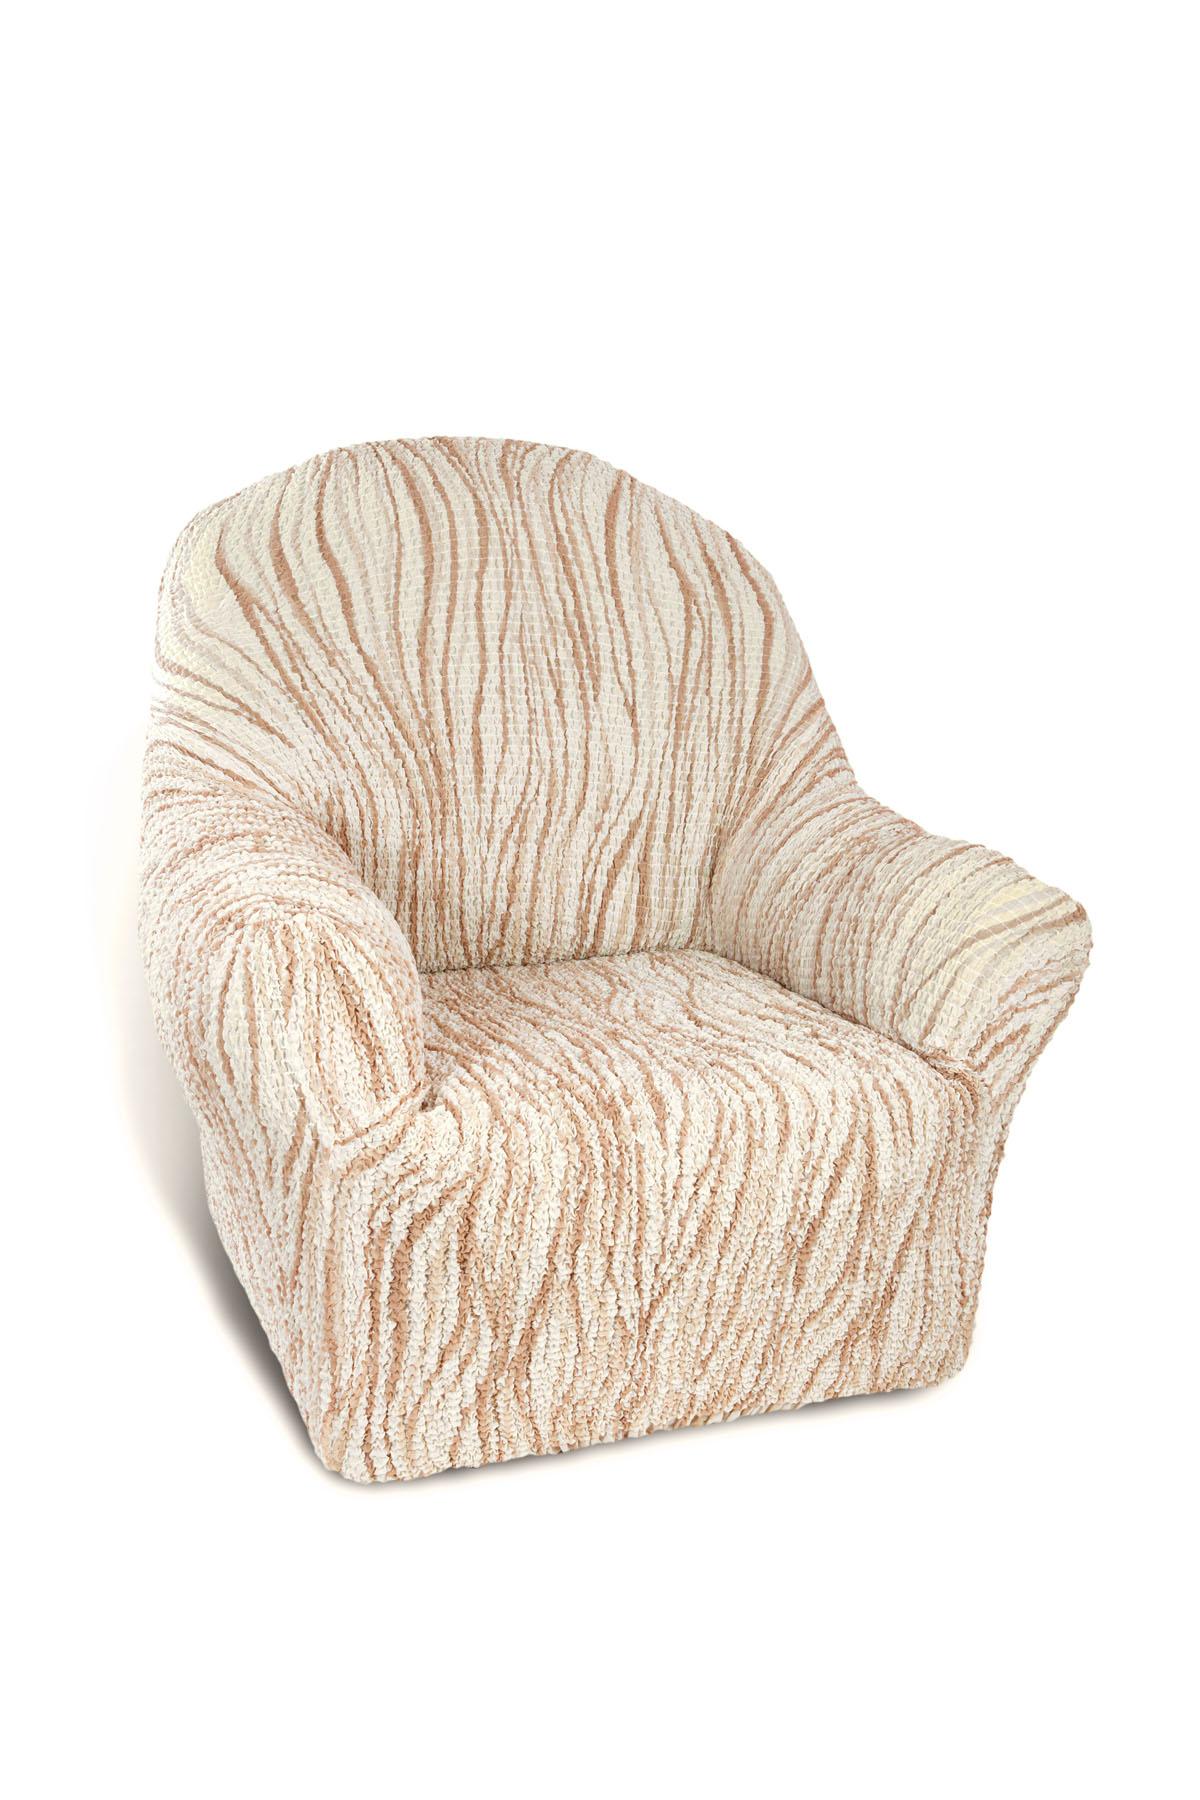 Чехол на кресло Еврочехол Виста, 60-100 см. 6/43-16/43-1Чехол на кресло Еврочехол Виста выполнен из 50% хлопка, 50% полиэстера. Он идеально подойдет для тех, кто хочет защитить свою мебель от постоянных воздействий. Этот чехол, благодаря прочности ткани, станет идеальным решением для владельцев домашних животных. Кроме того, состав ткани гипоаллергенен, а потому безопасен для малышей или людей пожилого возраста. Такой чехол отлично впишется в любой интерьер. Еврочехол послужит не только практичной защитой для вашей мебели, но и приятно удивит вас мягкостью ткани и итальянским качеством производства. Растяжимость чехла по спинке (без учета подлокотников): 60-100 см.